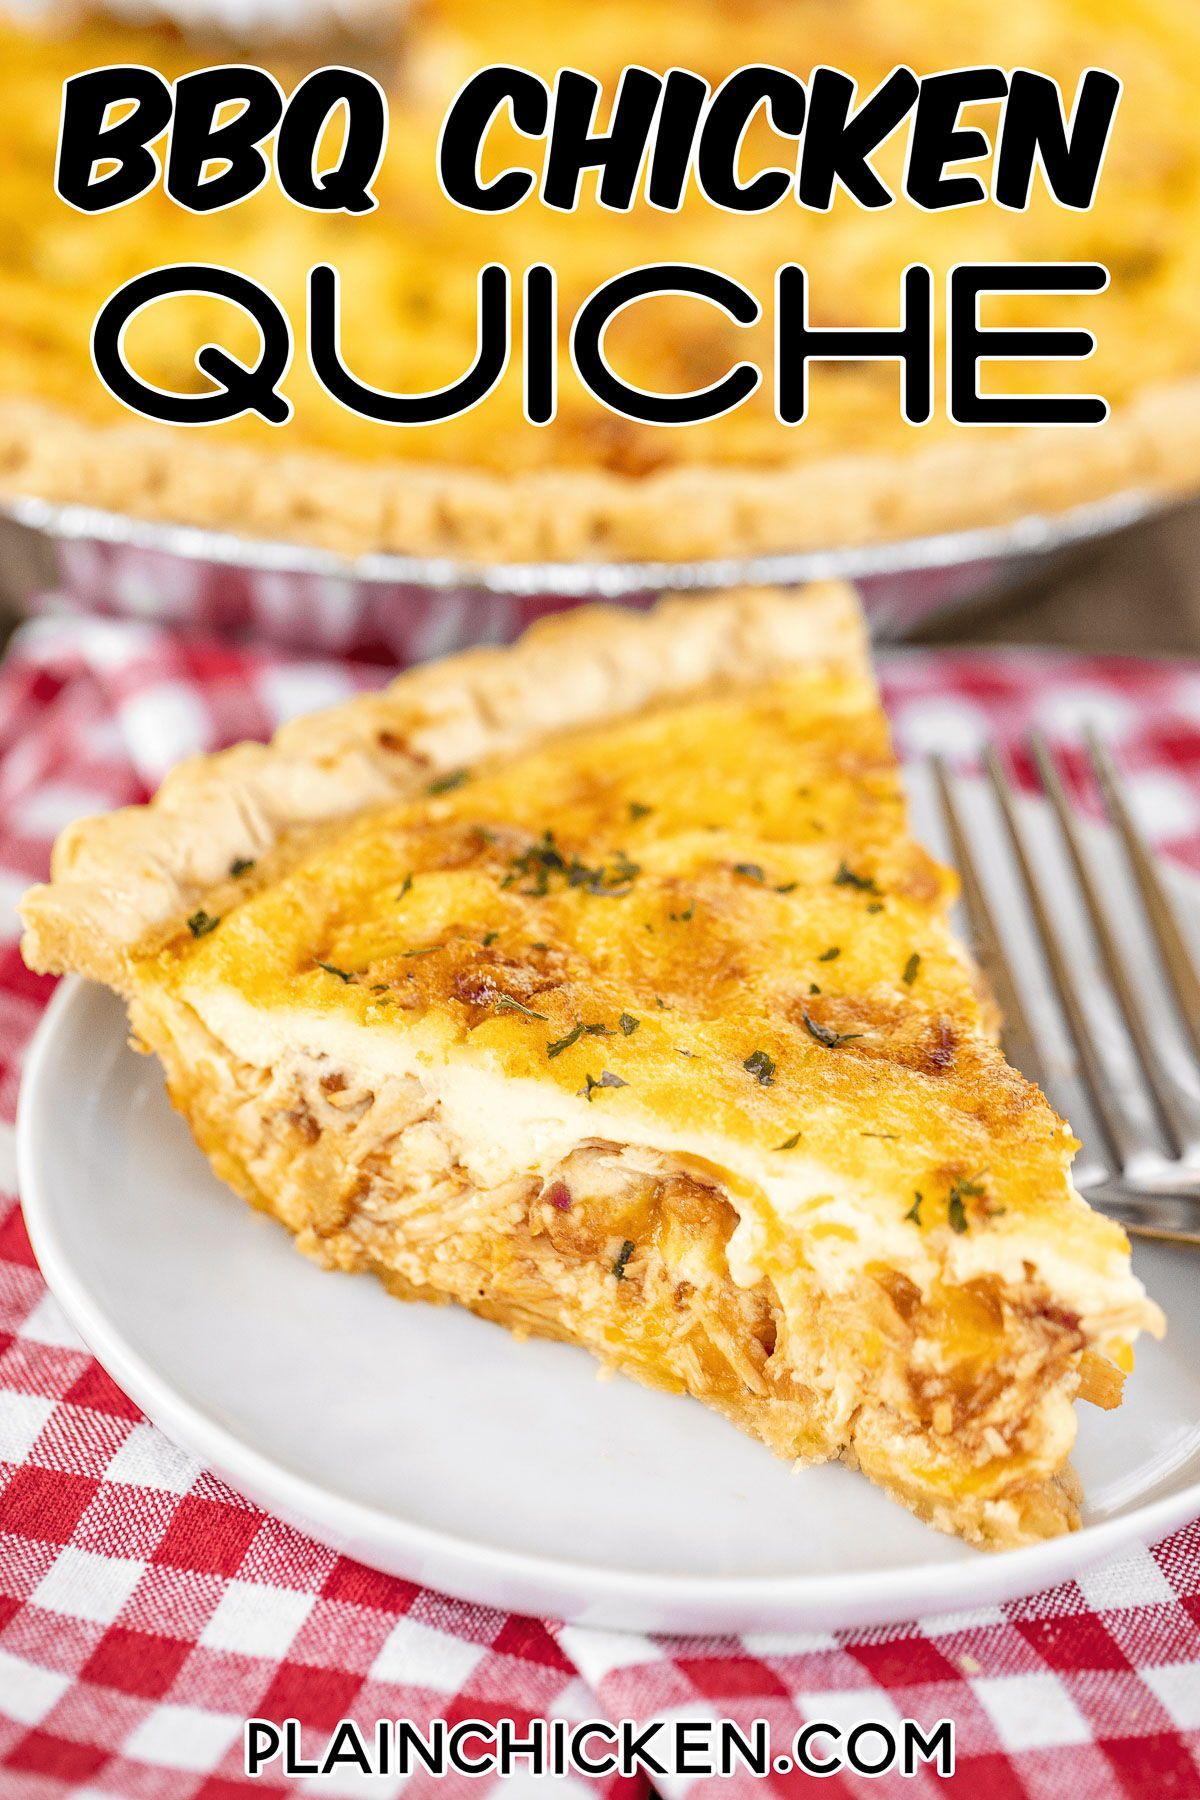 Bbq Chicken Quiche In 2020 Plain Chicken Recipe Chicken Quiche Bbq Chicken